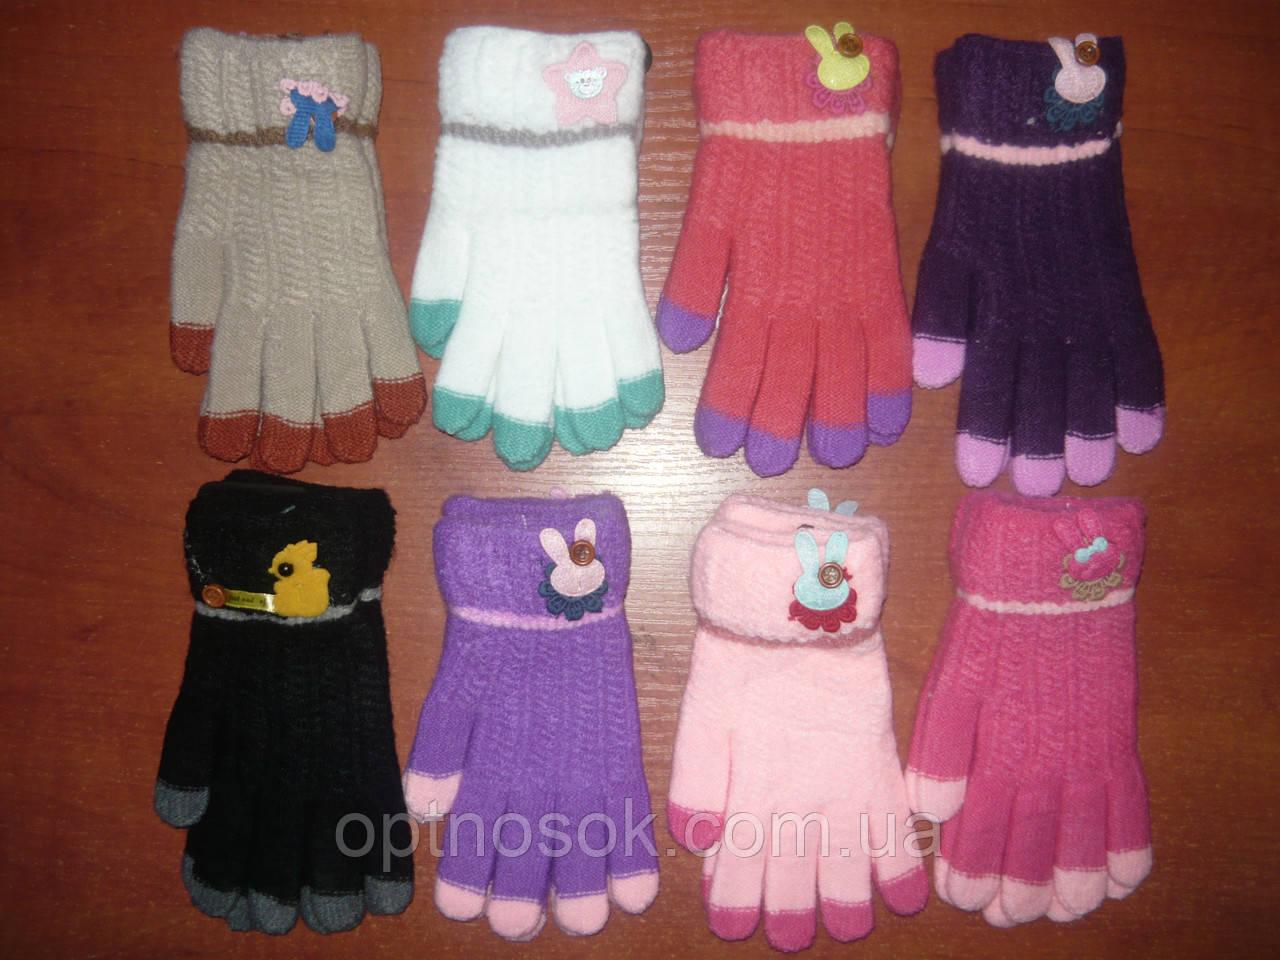 Детские перчатки Корона. Шерсть. Девочка. р. М.